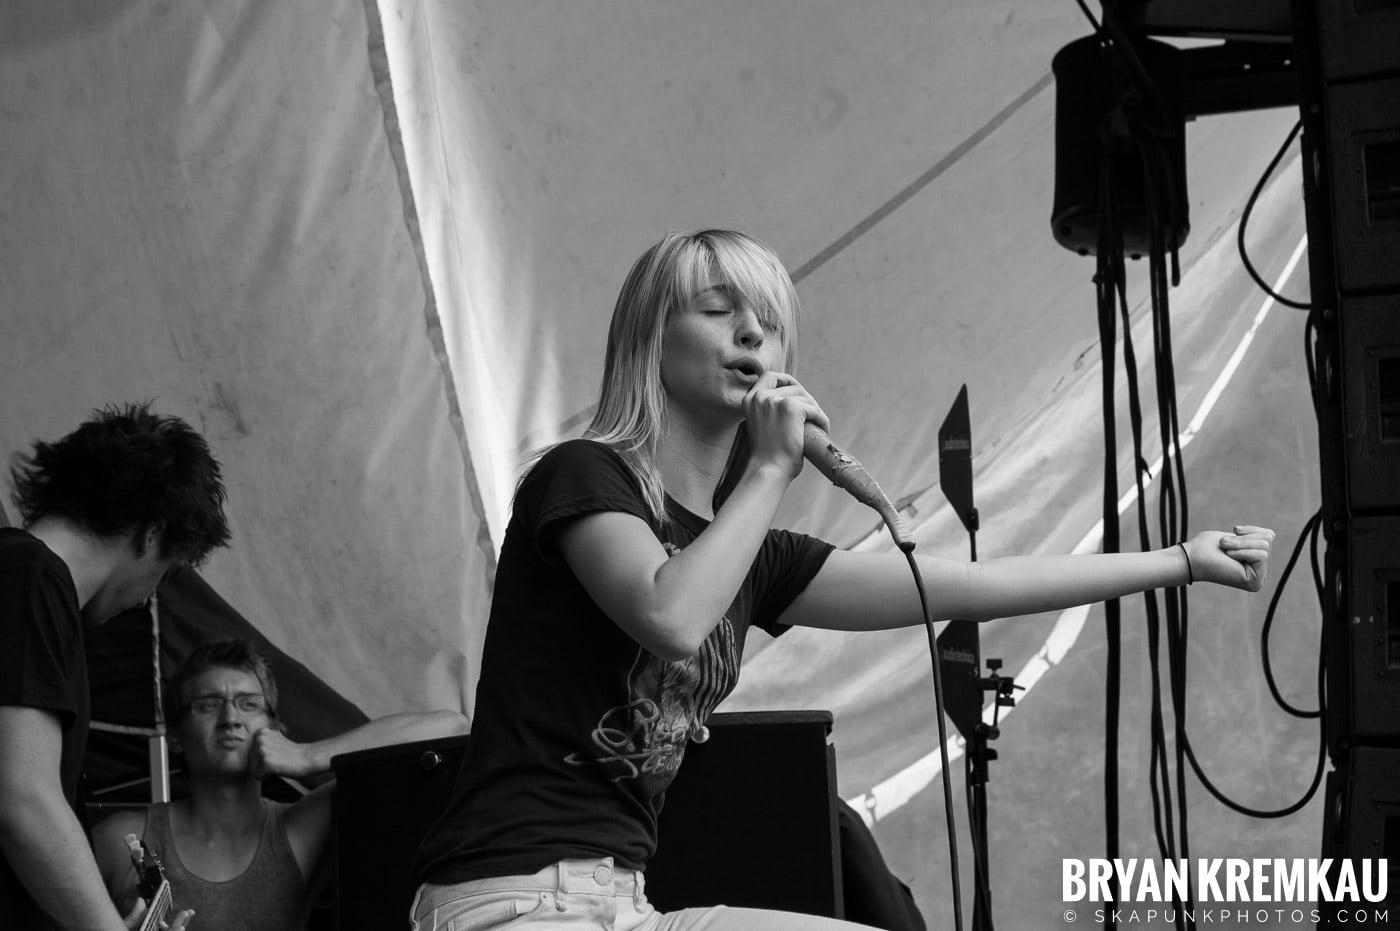 Paramore @ Warped Tour 2007, Scranton PA - 7.26.07 (2)